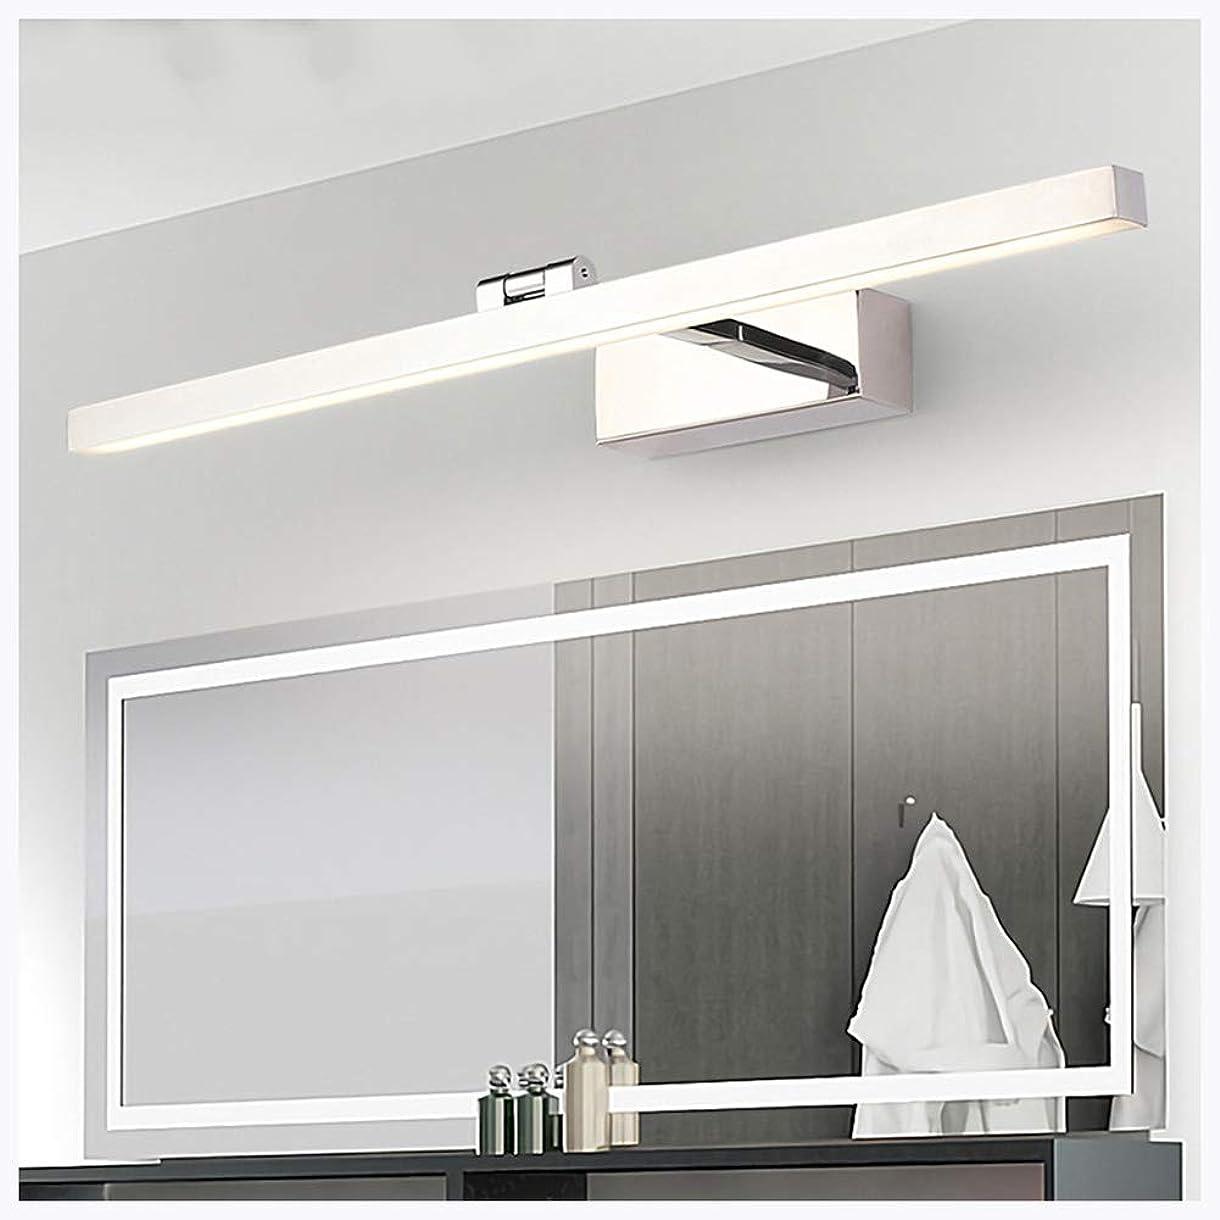 お酢前進確かな防曇LEDミラーフロントライト、ブラックアクリルシェードバスルーム調整可能防水LEDバニティミラーライト化粧台ミラーキャビネット,白,Naturallight